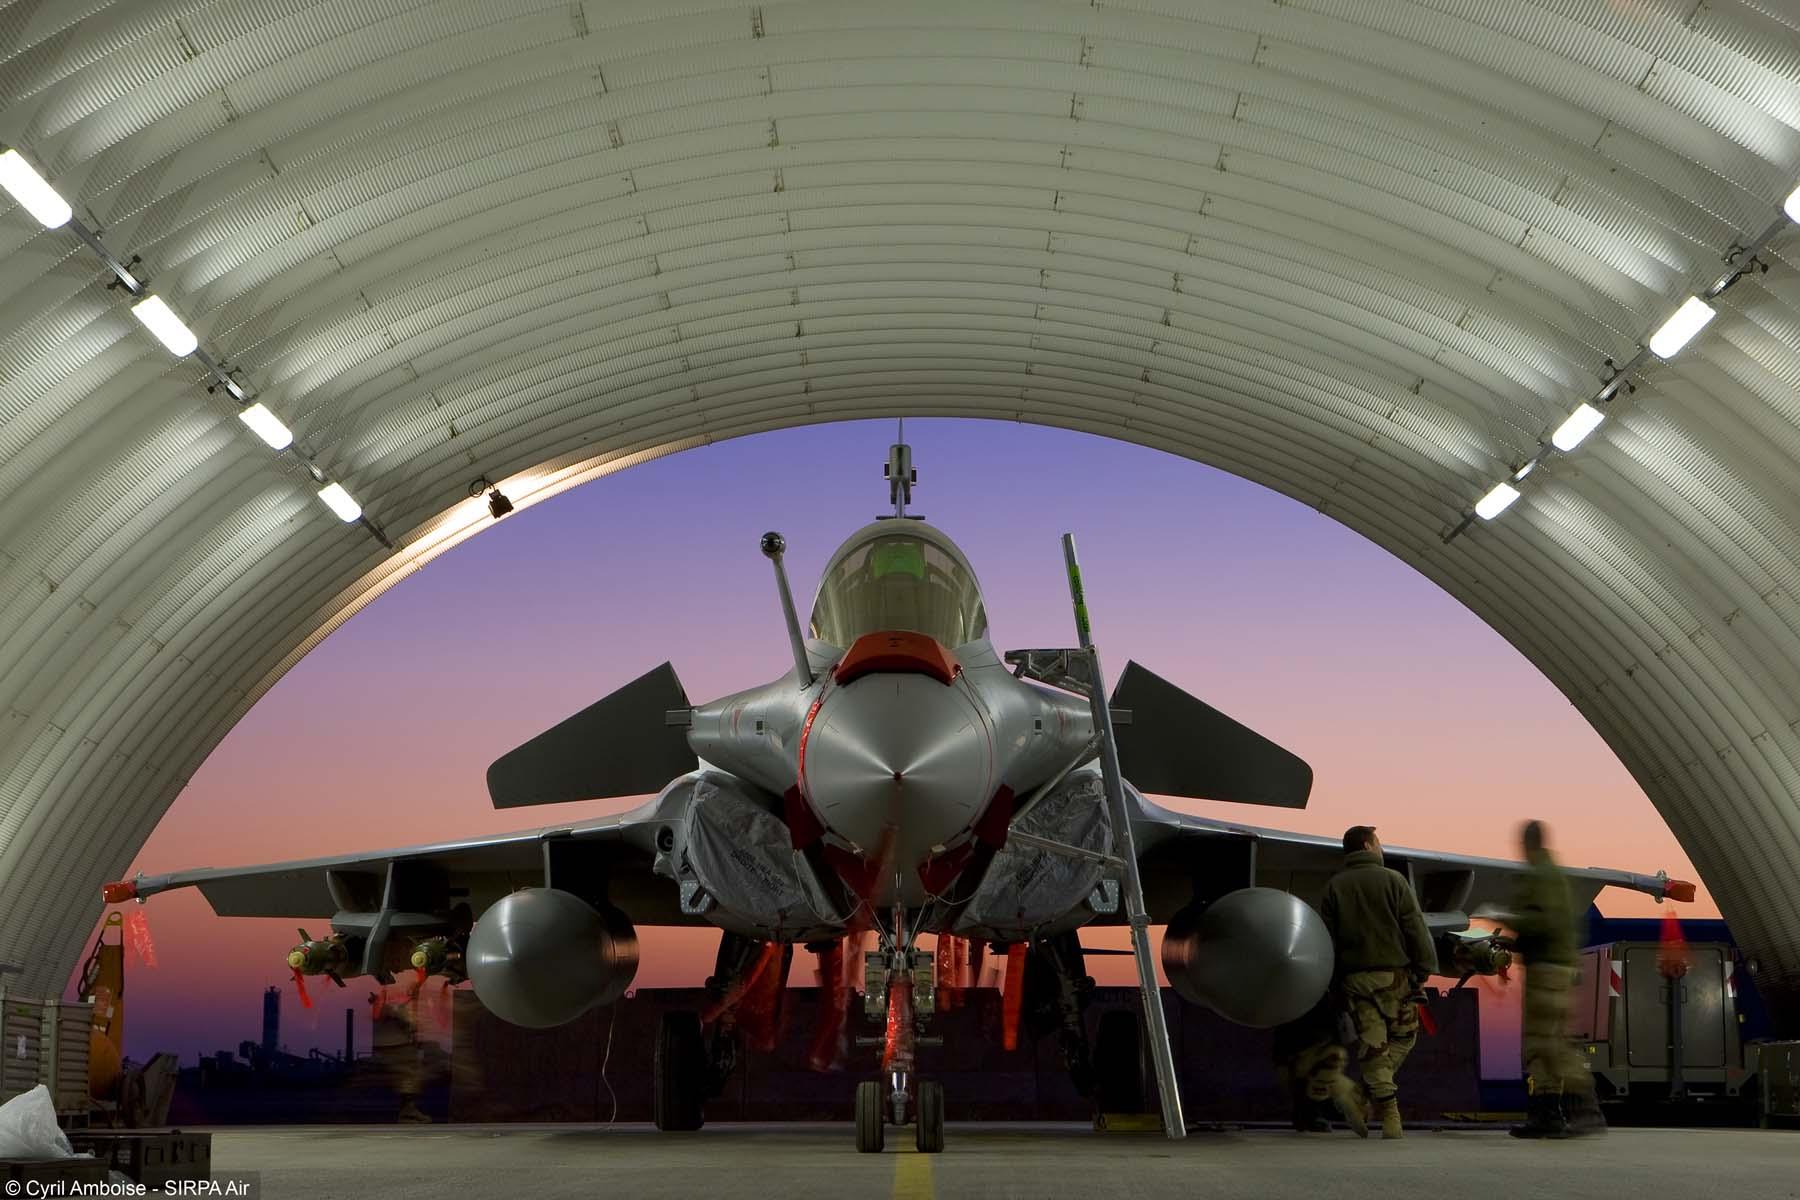 Rafale - foto 2 Cyril Amboise - SIRPA Air via Dassault